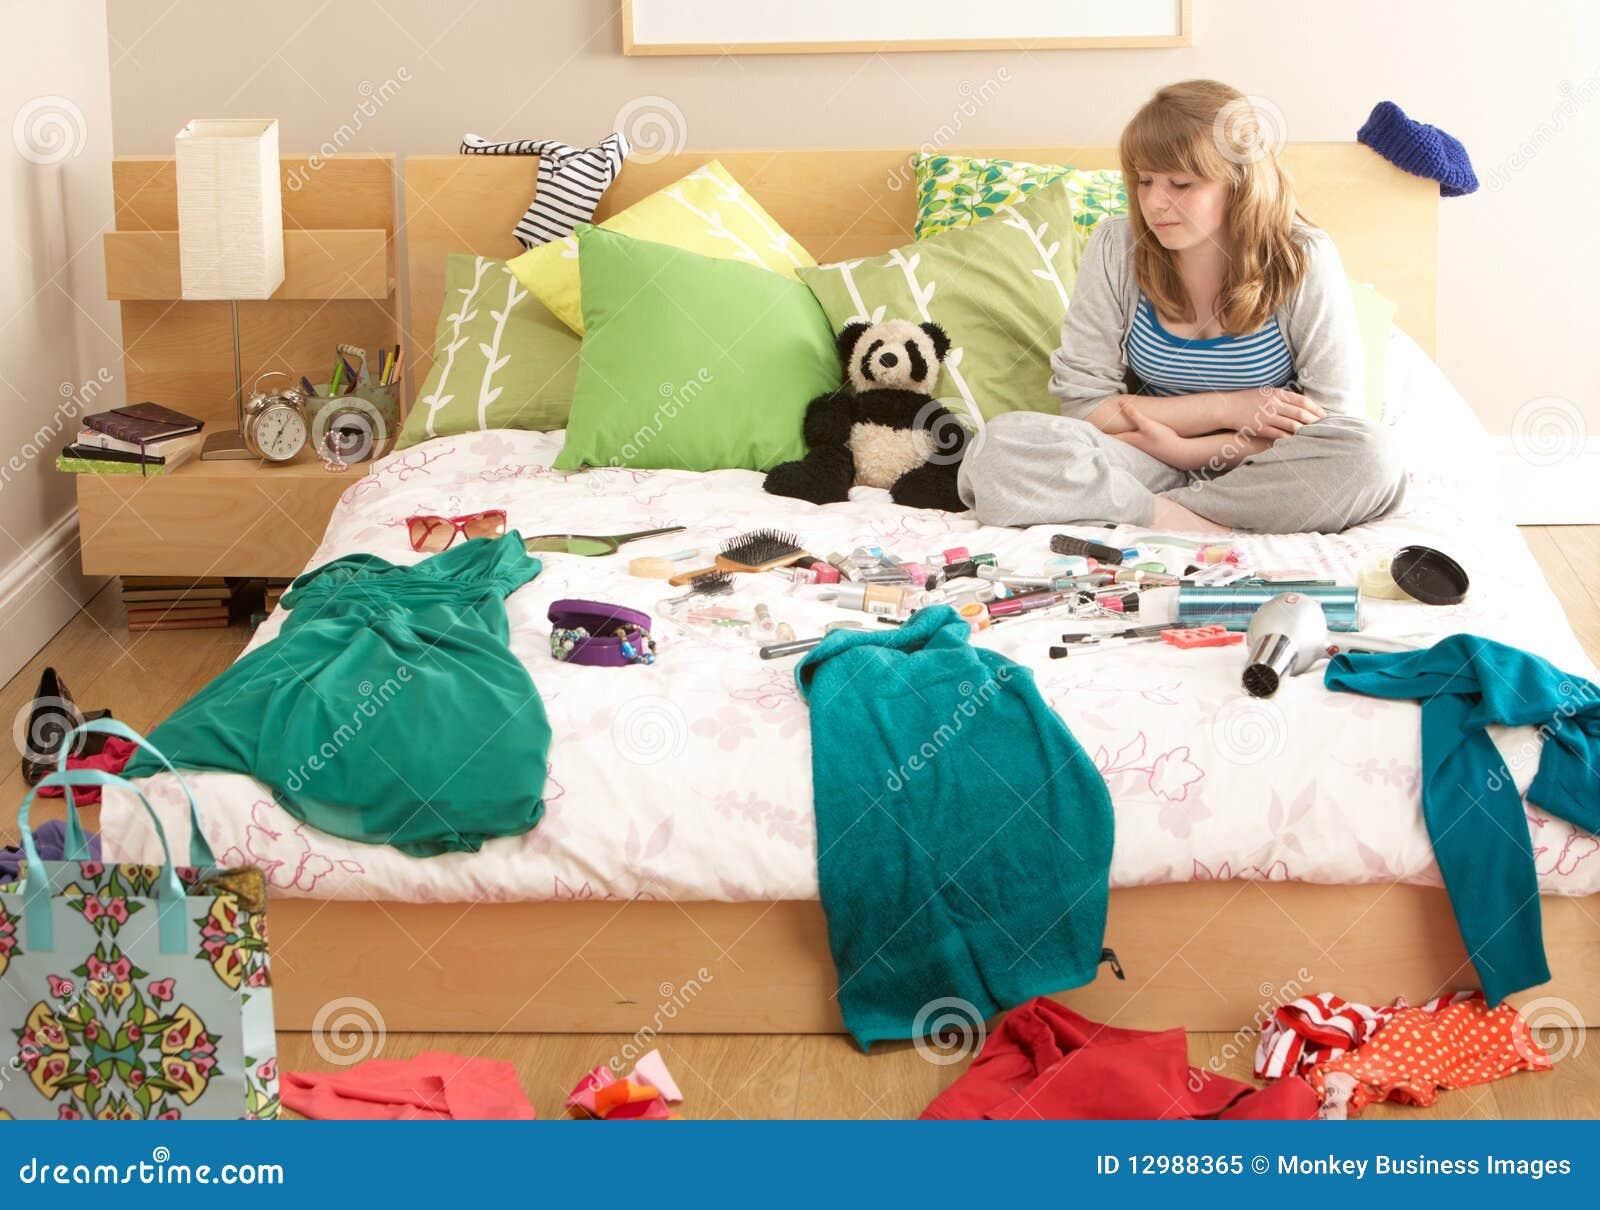 Adolescente in camera da letto disordinata immagine stock - Immagini di stanze da letto ...